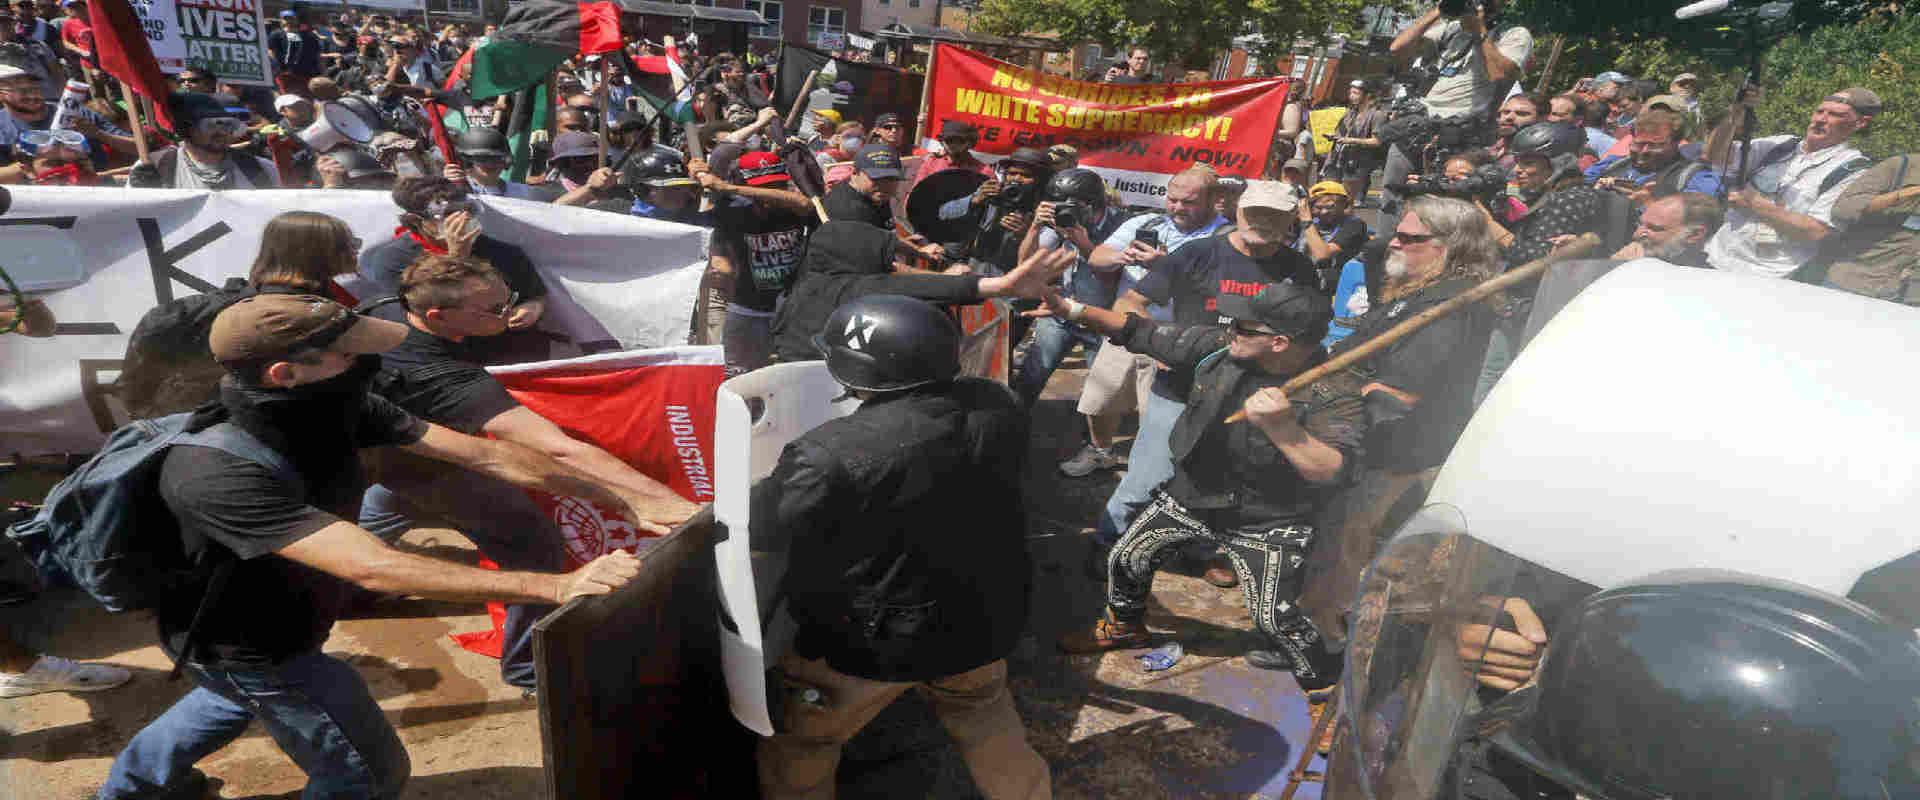 המהומות בשארלוטסוויל